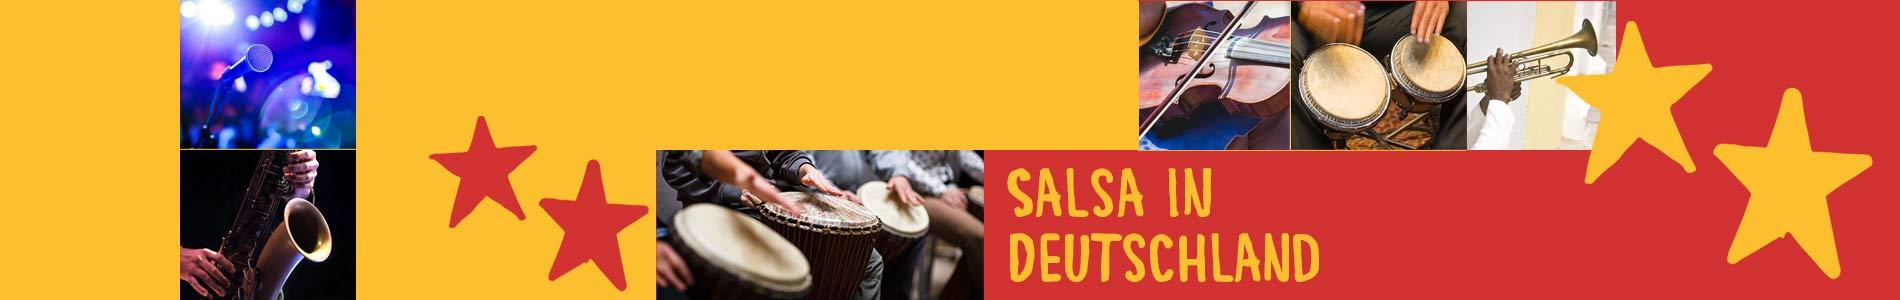 Salsa in Cleebronn – Salsa lernen und tanzen, Tanzkurse, Partys, Veranstaltungen